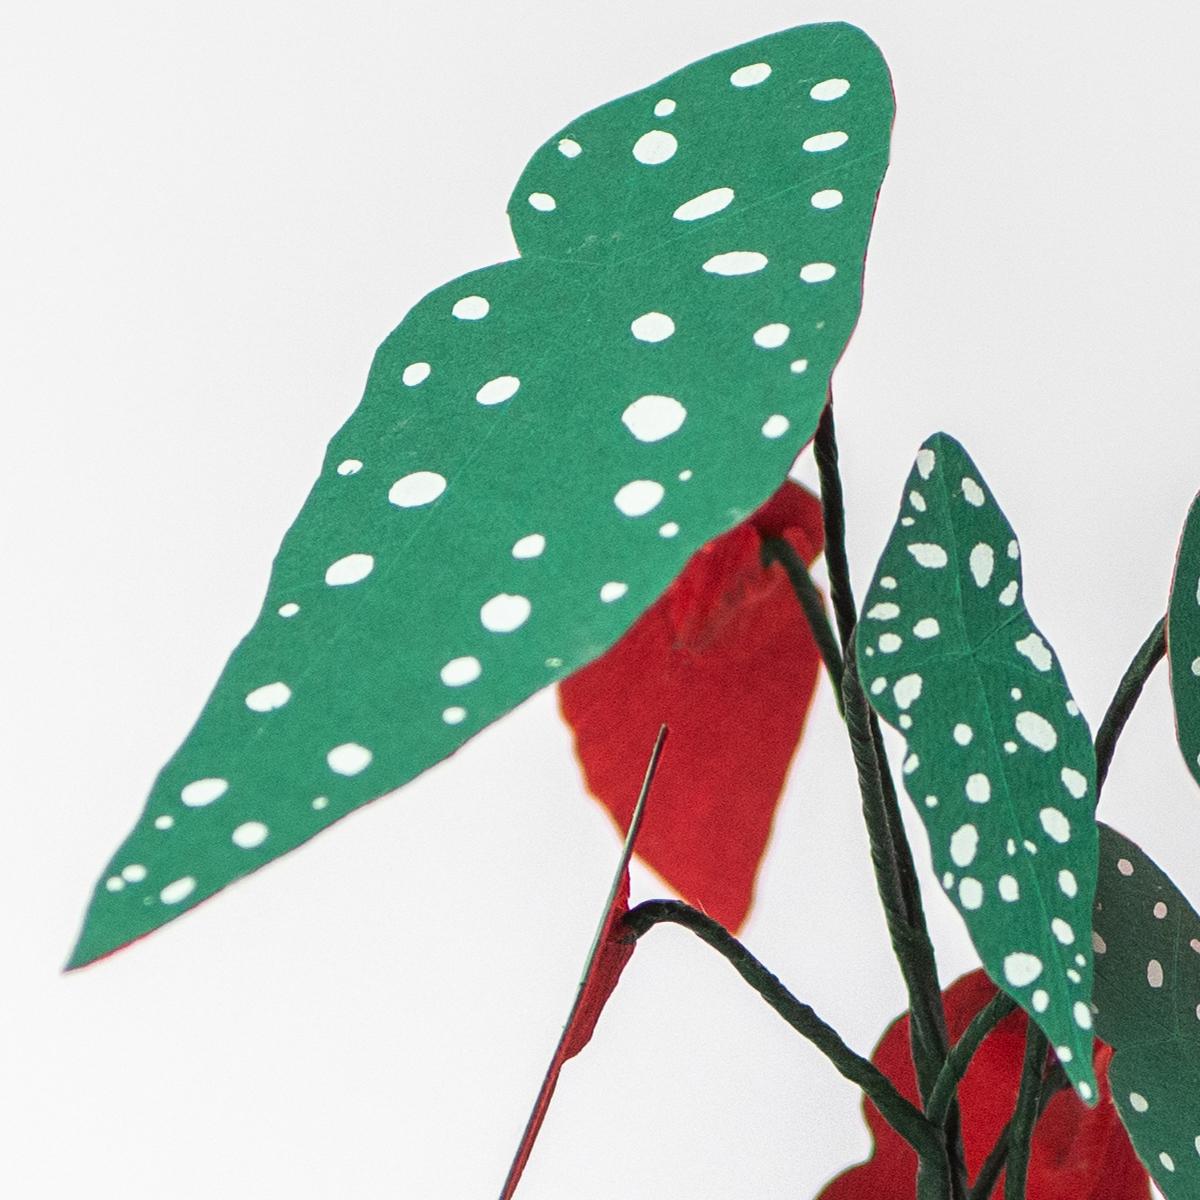 Jungla, plantas de papel polka dot mini2